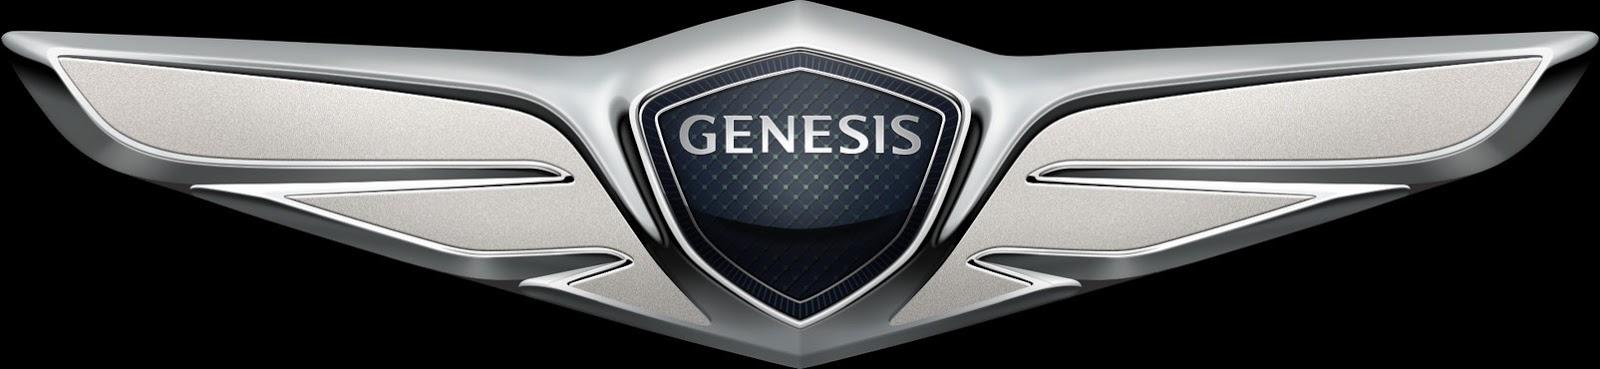 Run Lemon Run Genesis The New Hyundai Luxury Brand Autos Gallery